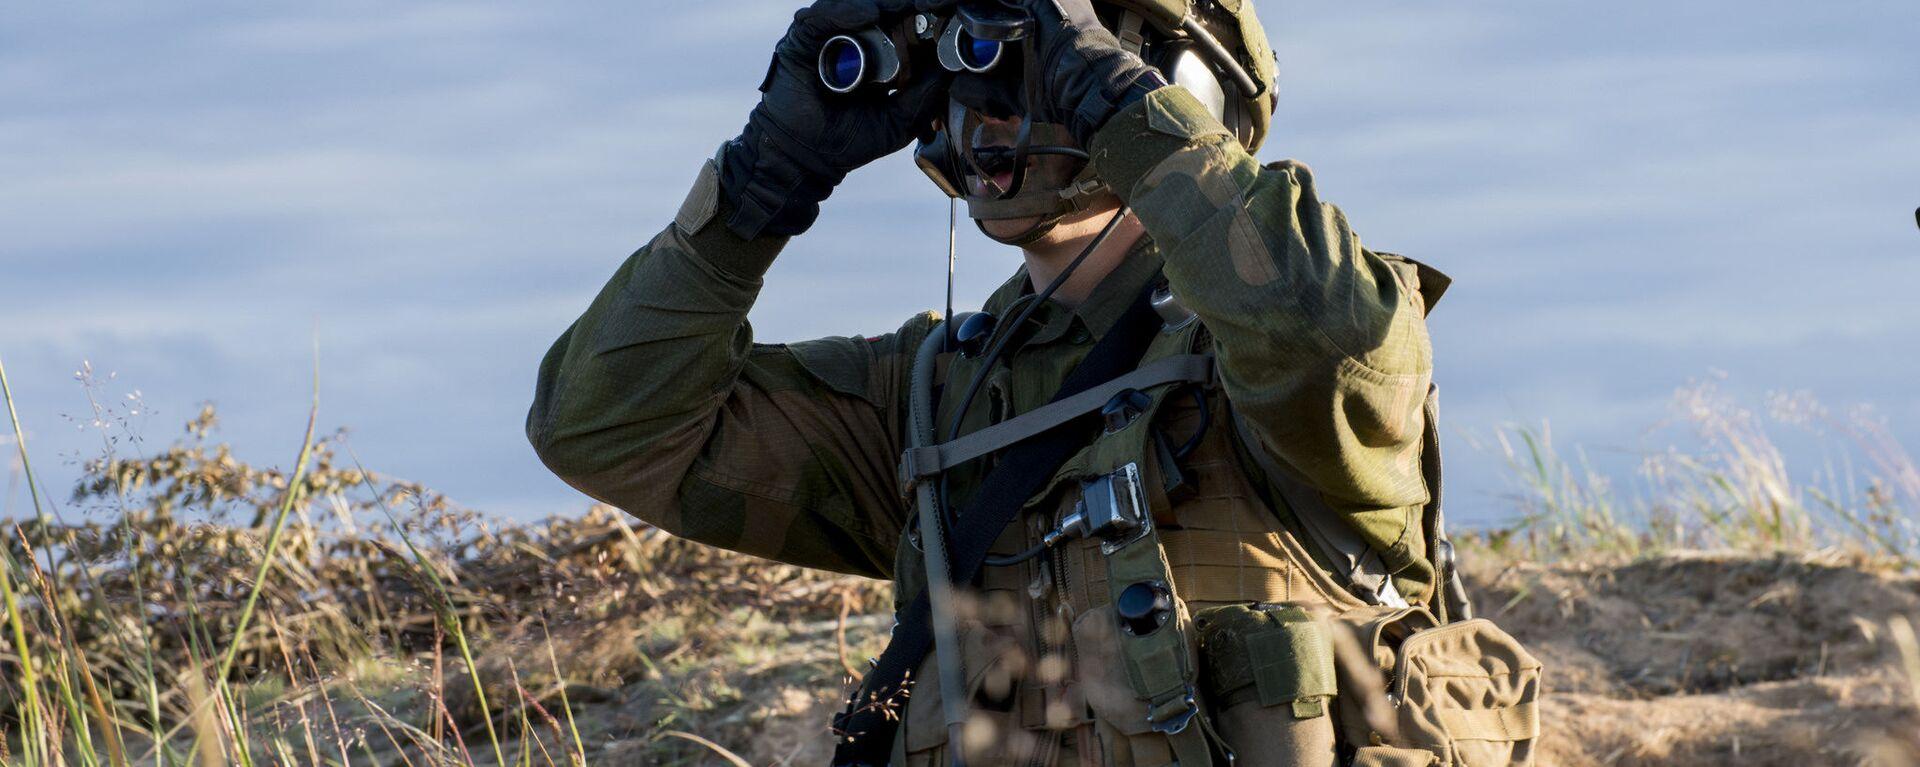 Żołnierz podczas ćwiczeń NATO Saber Strike. Zdjęcia archiwalne - Sputnik Polska, 1920, 03.09.2021